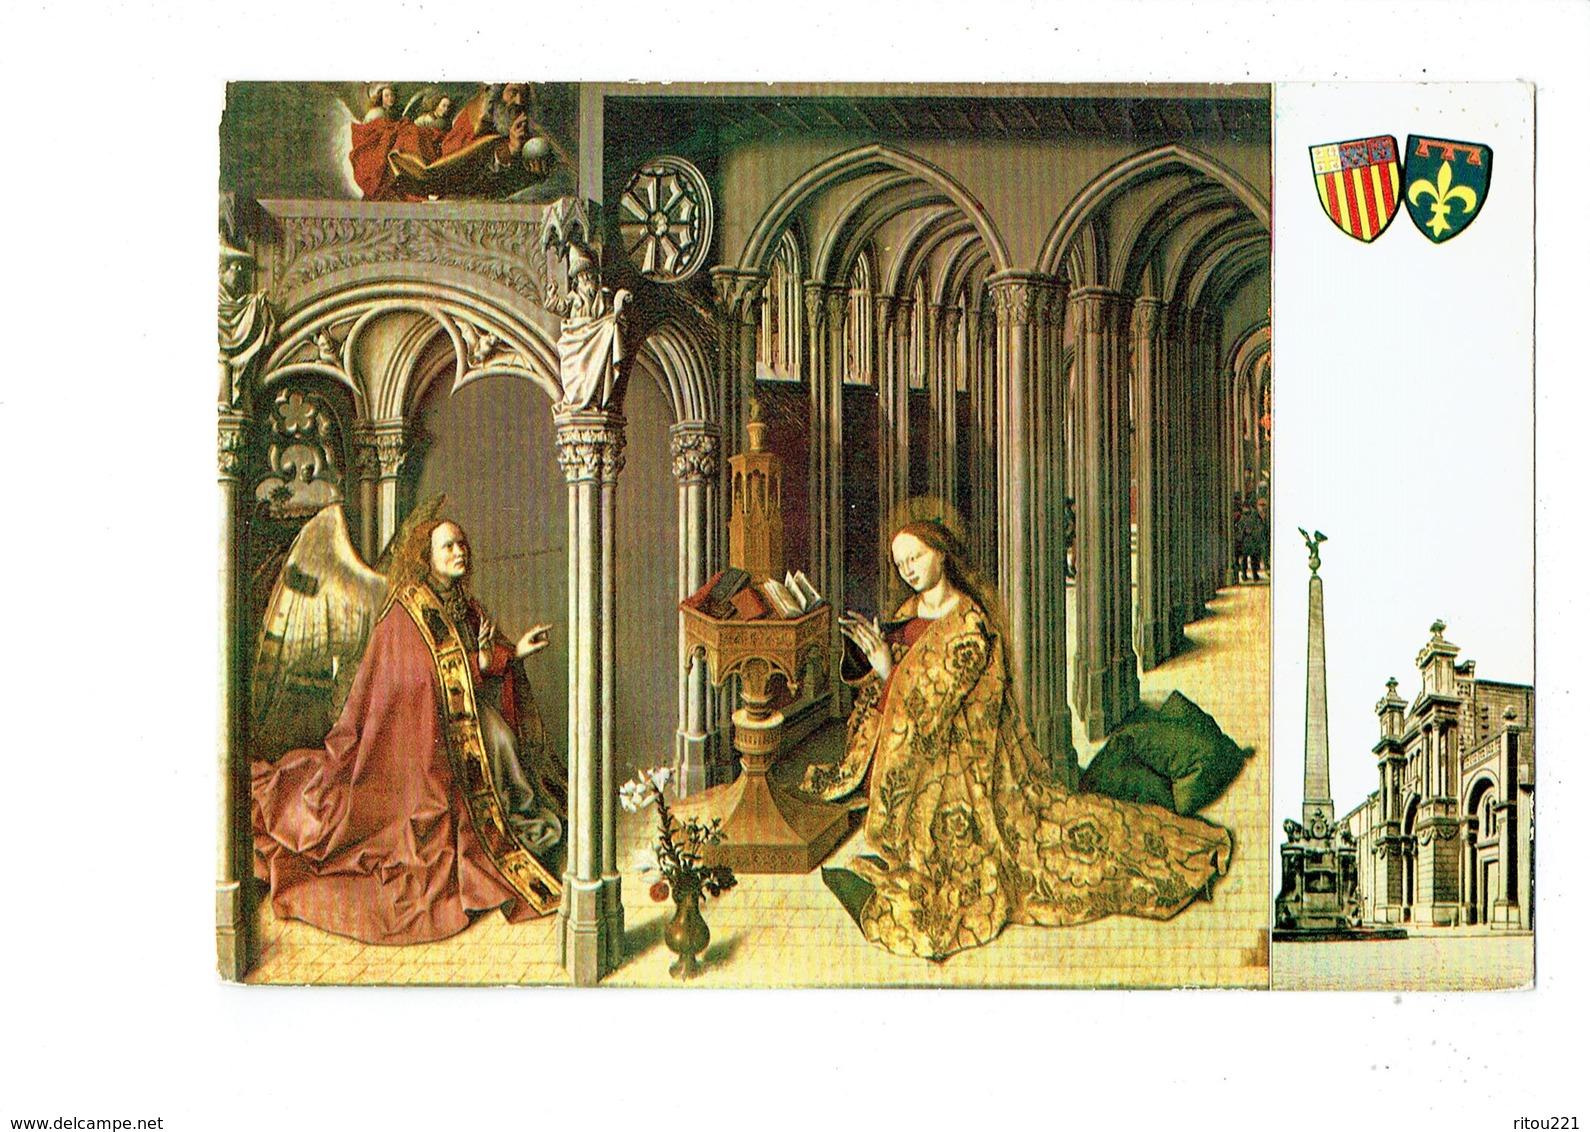 Cpm - 13 - Aix En Provence - Eglise Ste Marie Madeleine Triptyque Annonciation - Blason Ange Femme Prière Chauve-souris - Aix En Provence